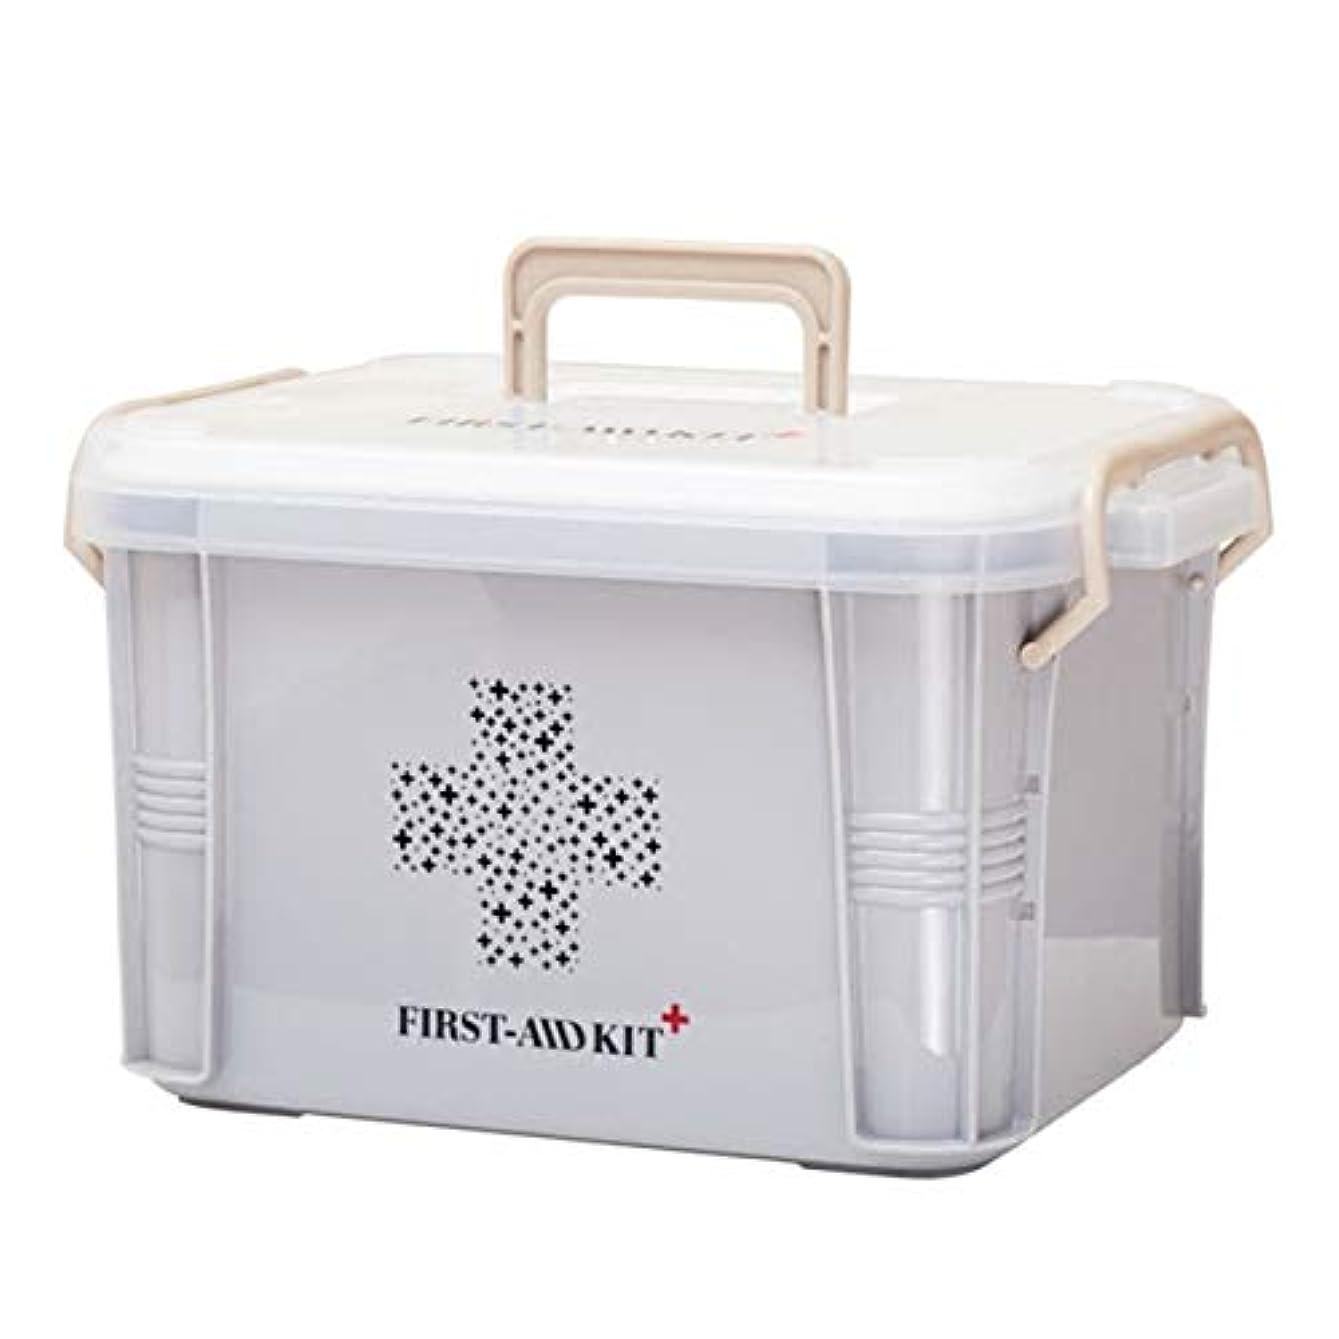 Saikogoods 実用的なデザインホーム用薬箱ファーストエイドキットボックスプラスチック容器の救急キットポータブルストレージオーガナイザー グレー S